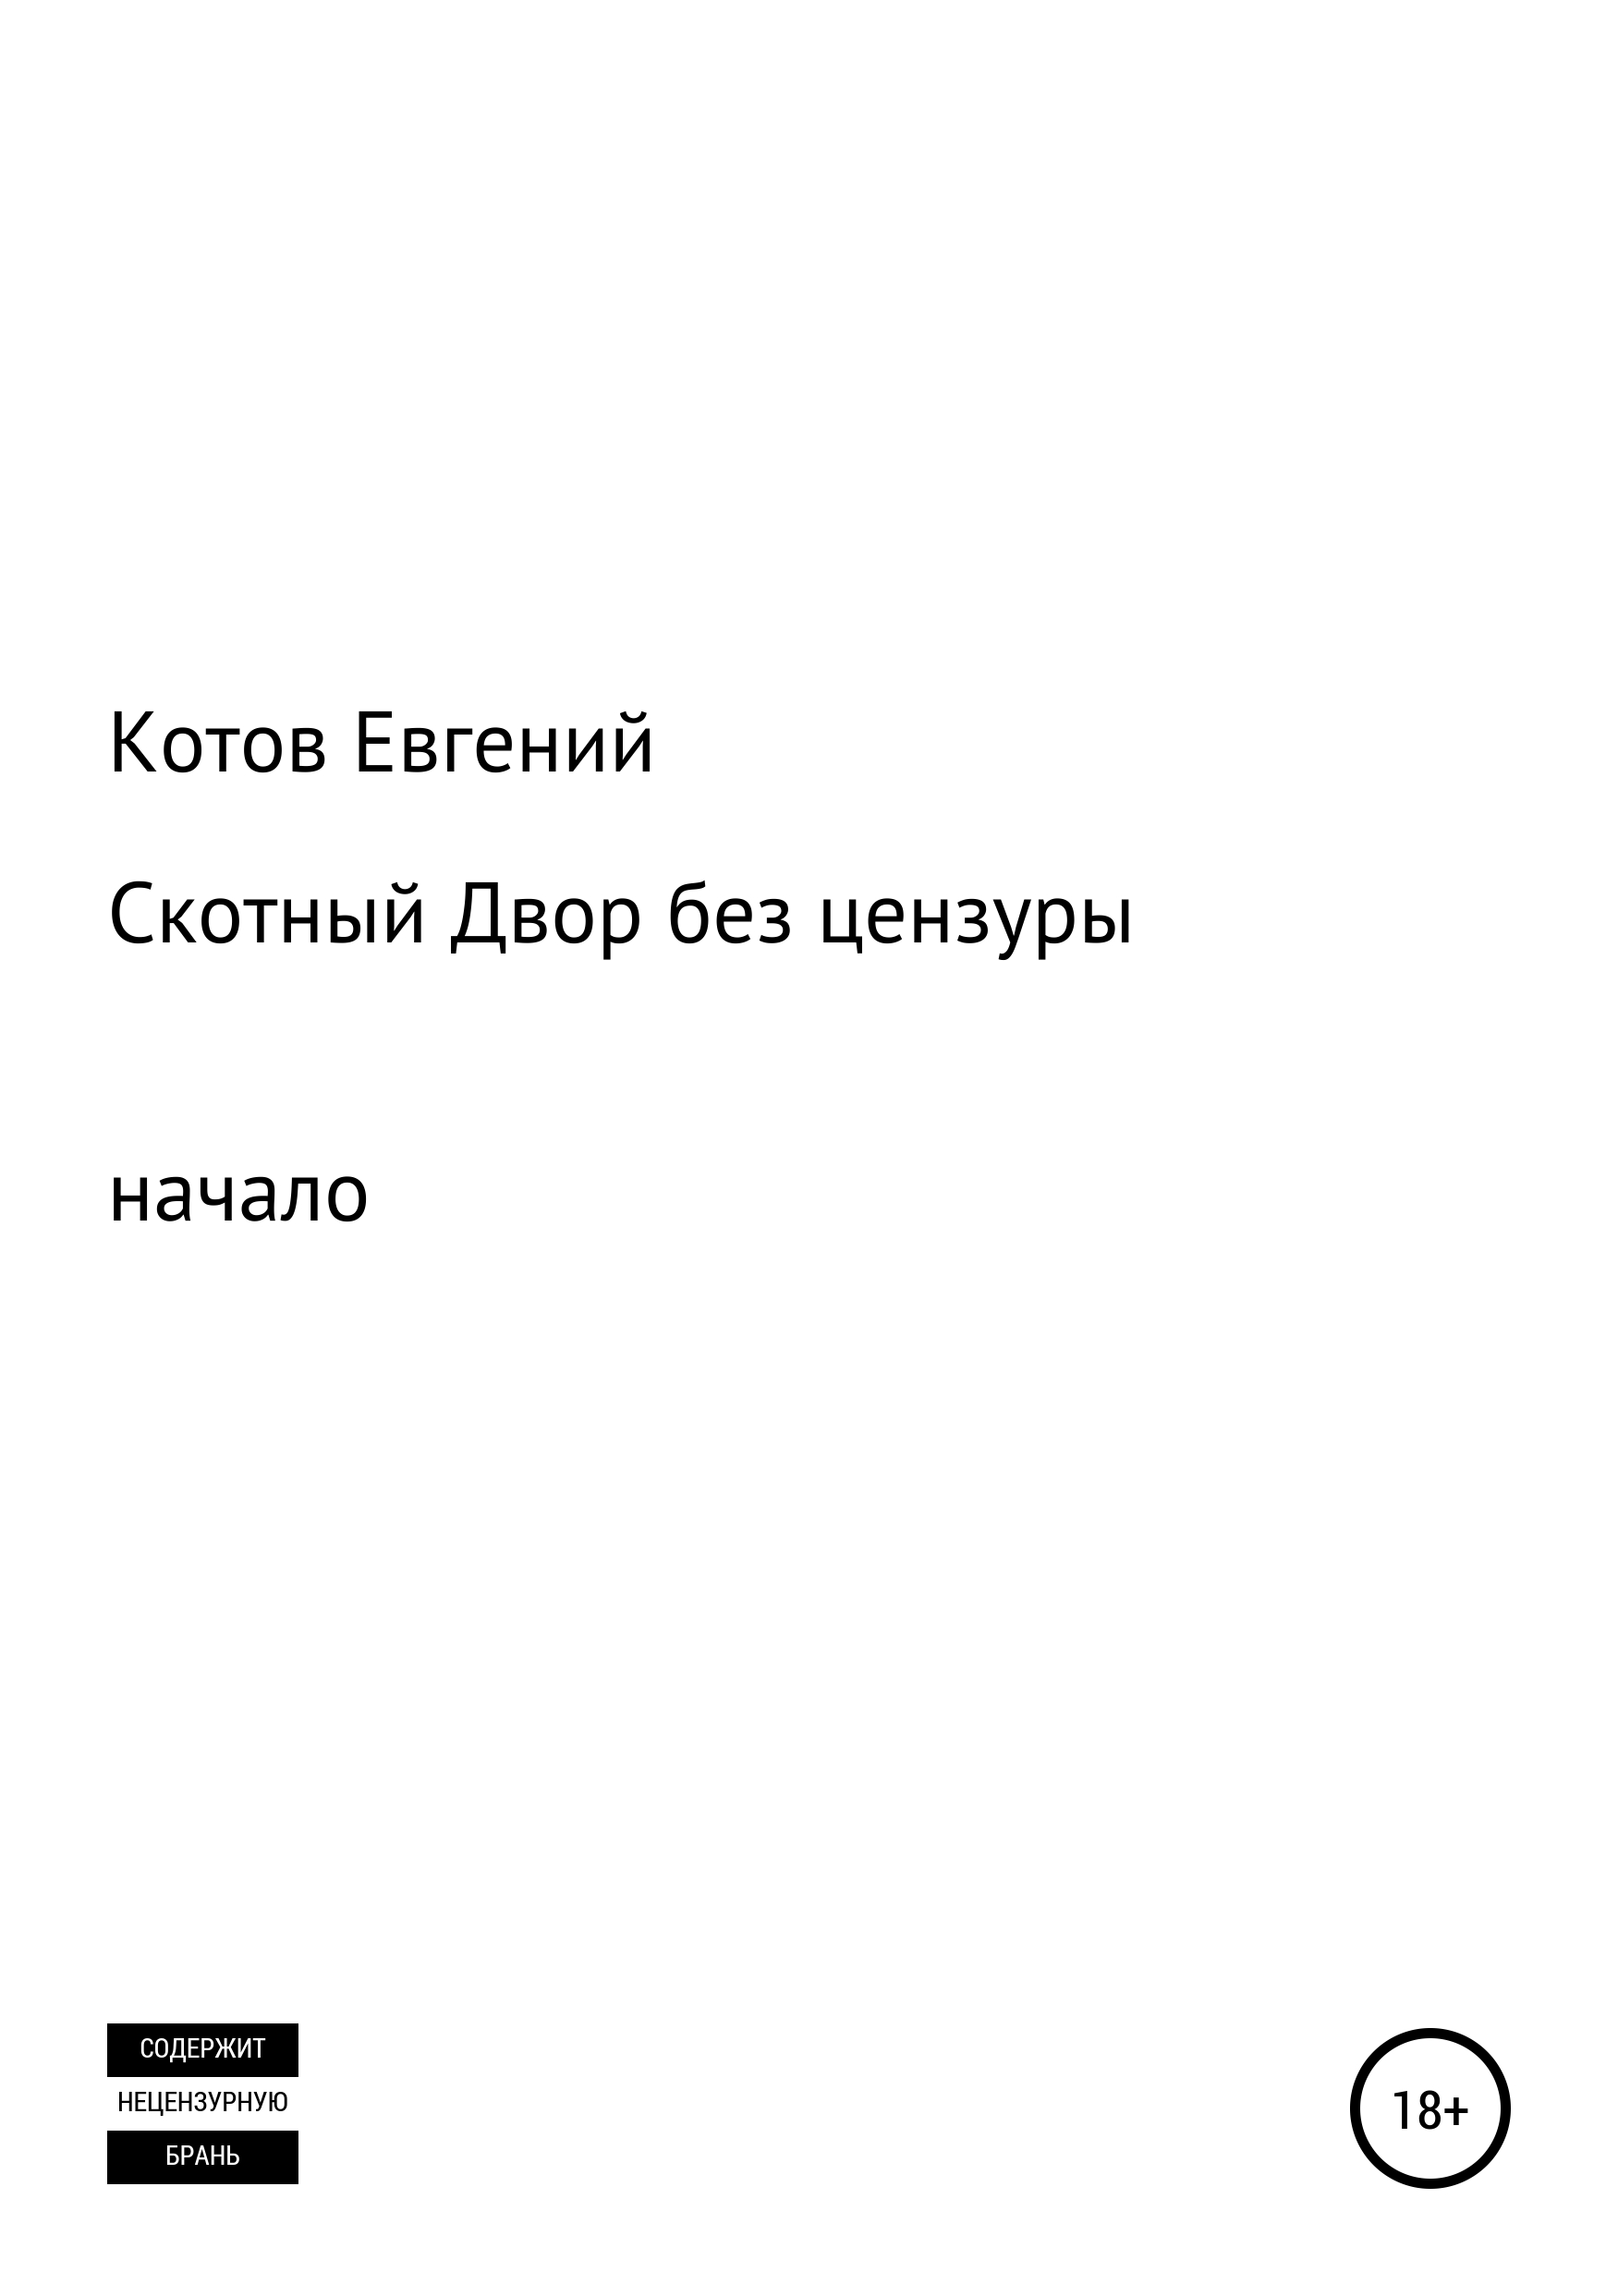 Евгений Котов Котов Скотный двор. Начало (без цензуры)